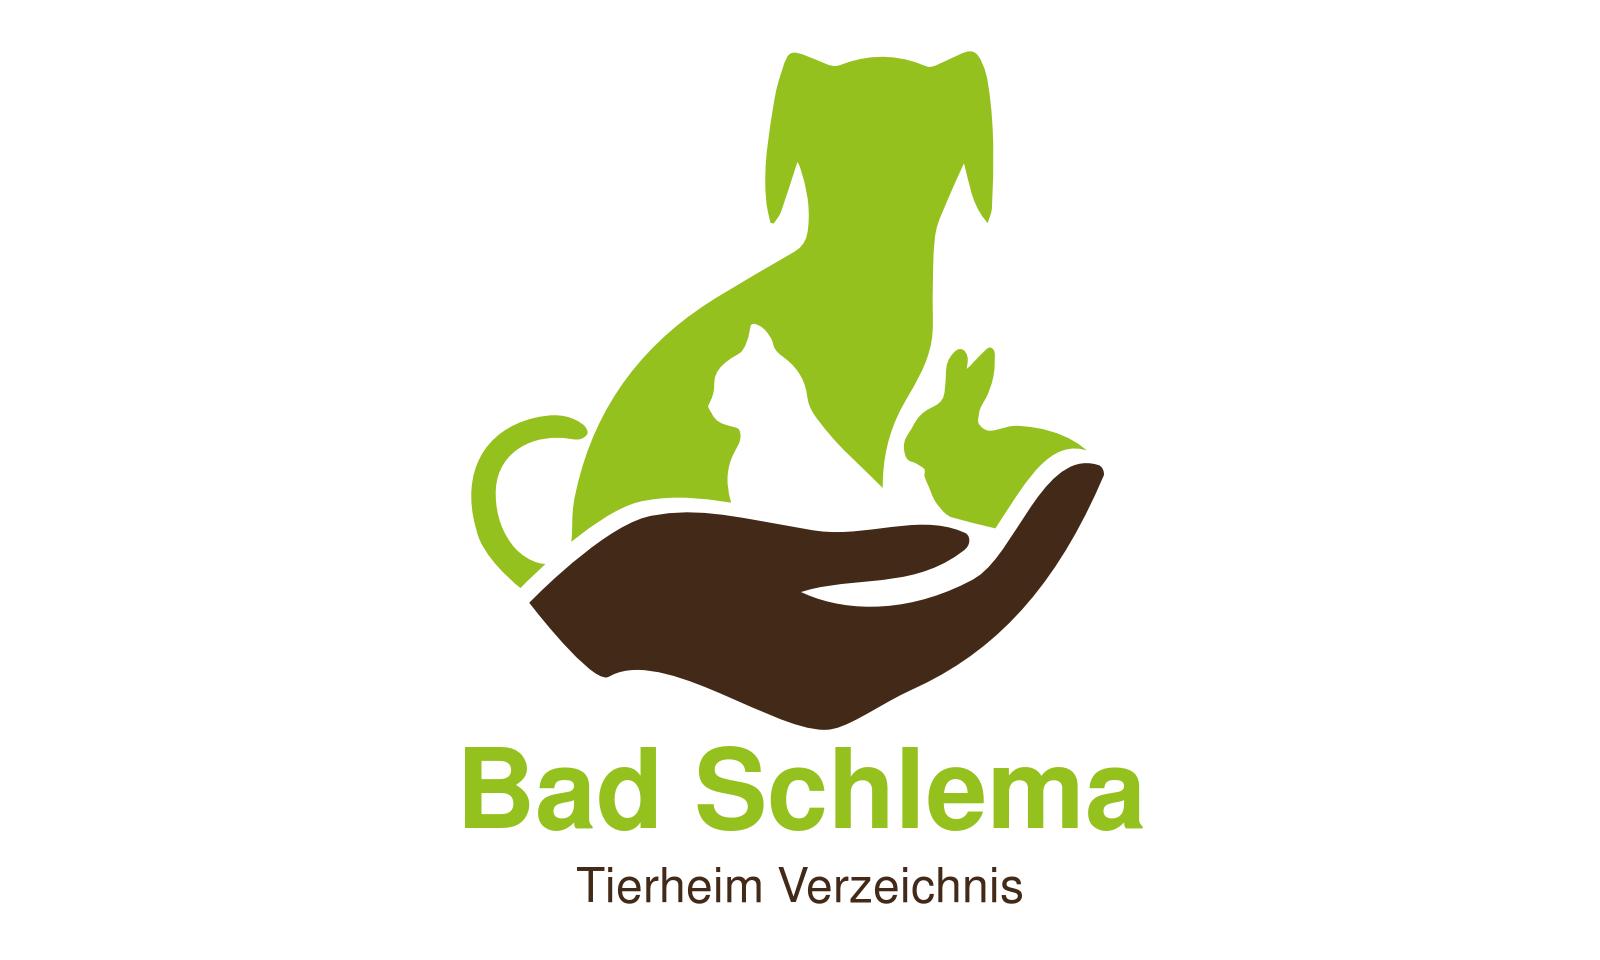 Tierheim Bad Schlema